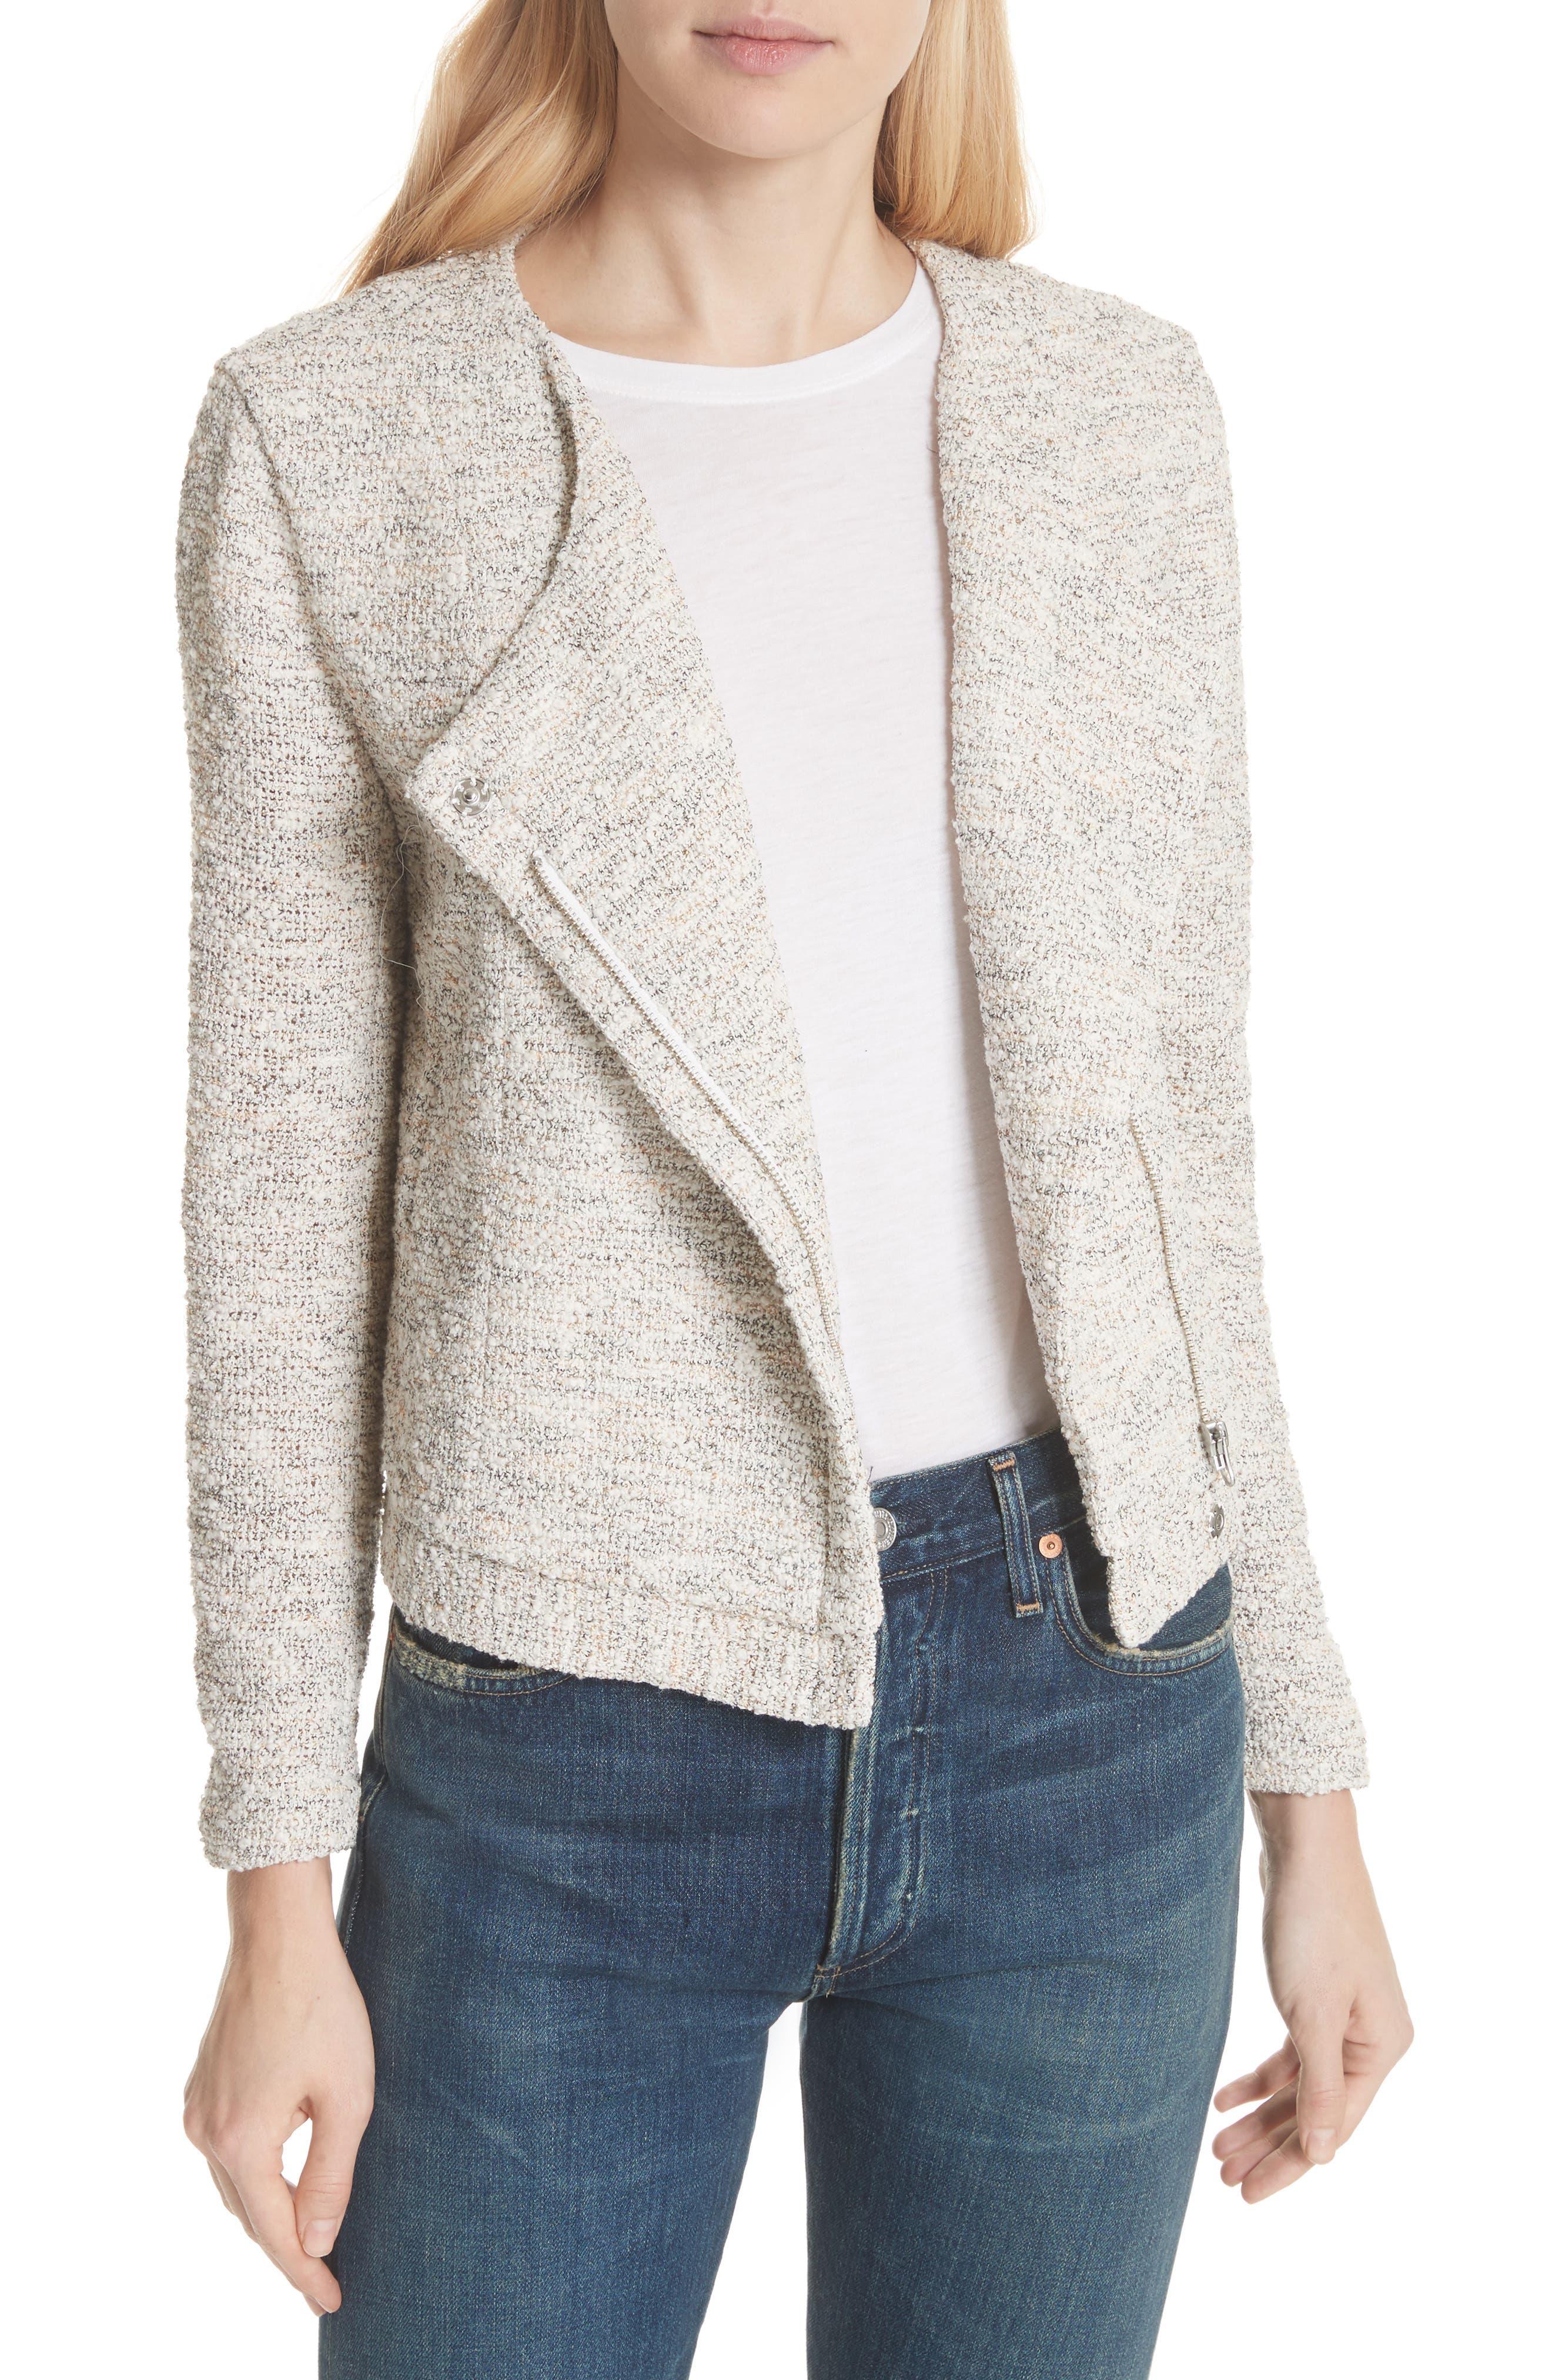 Joie 'Balina' Tweed Jacket